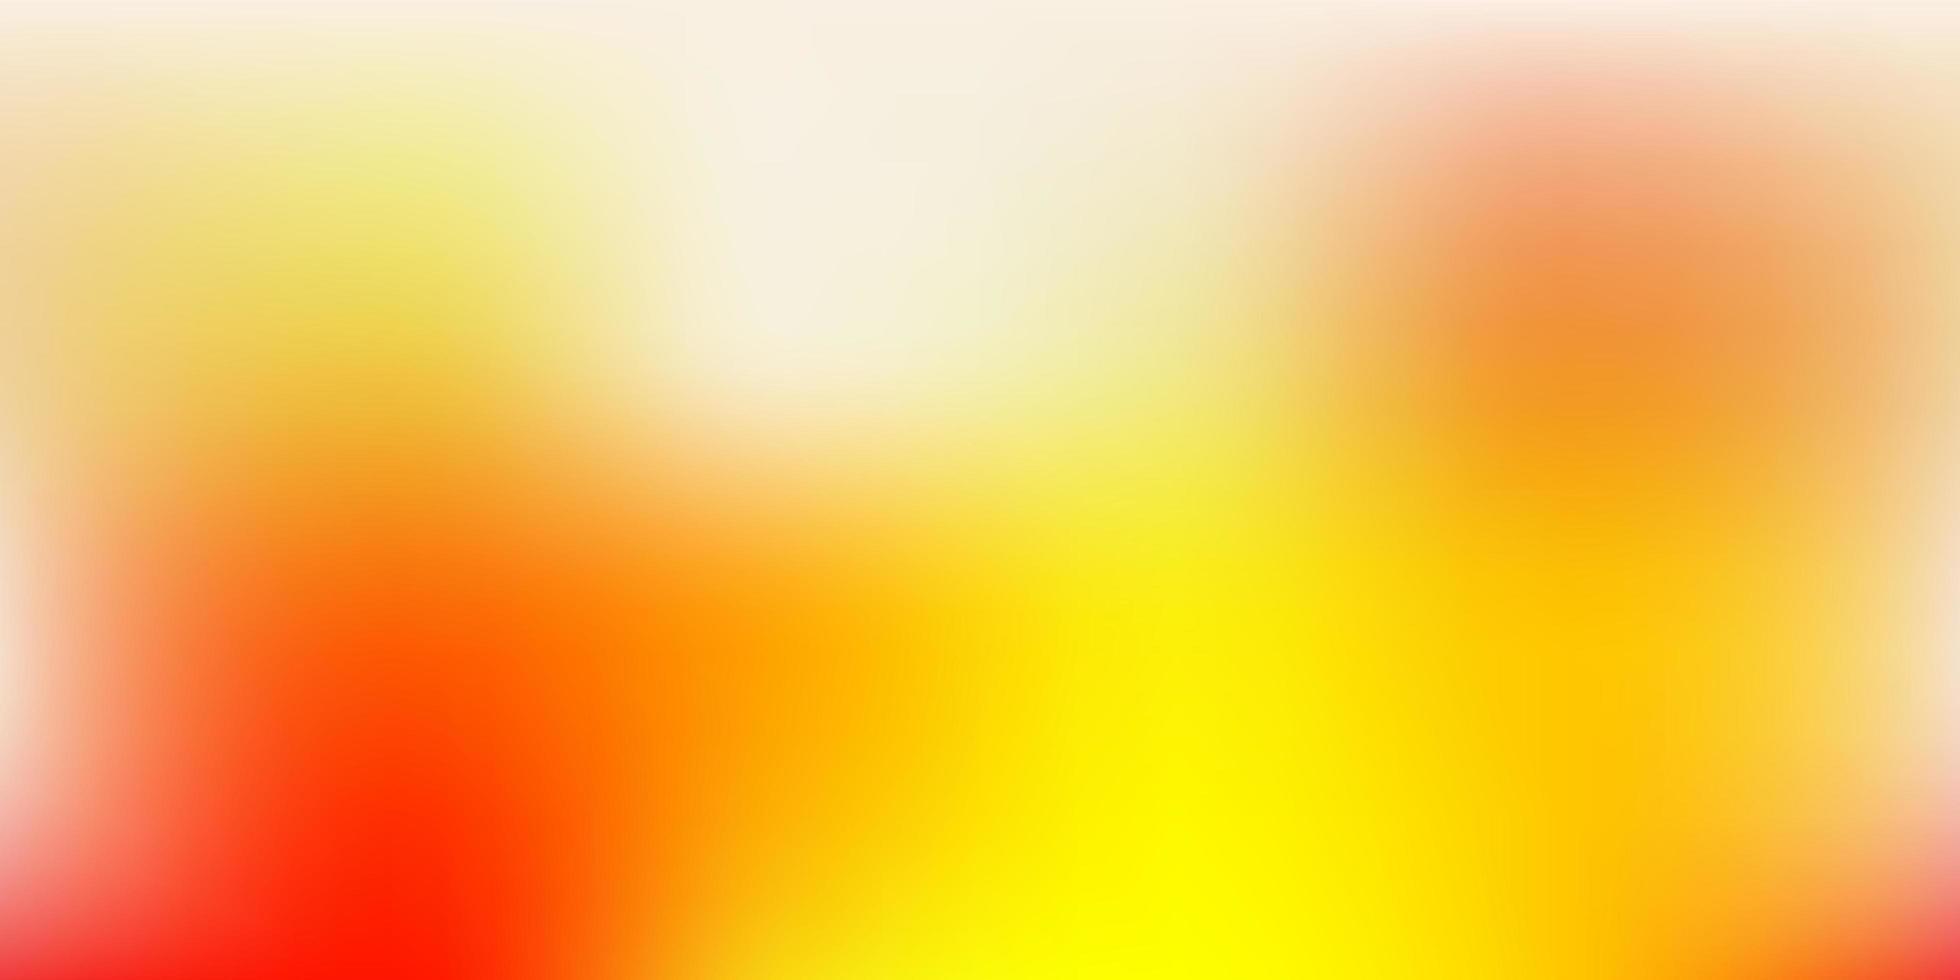 textura de desfoque de vetor laranja claro.